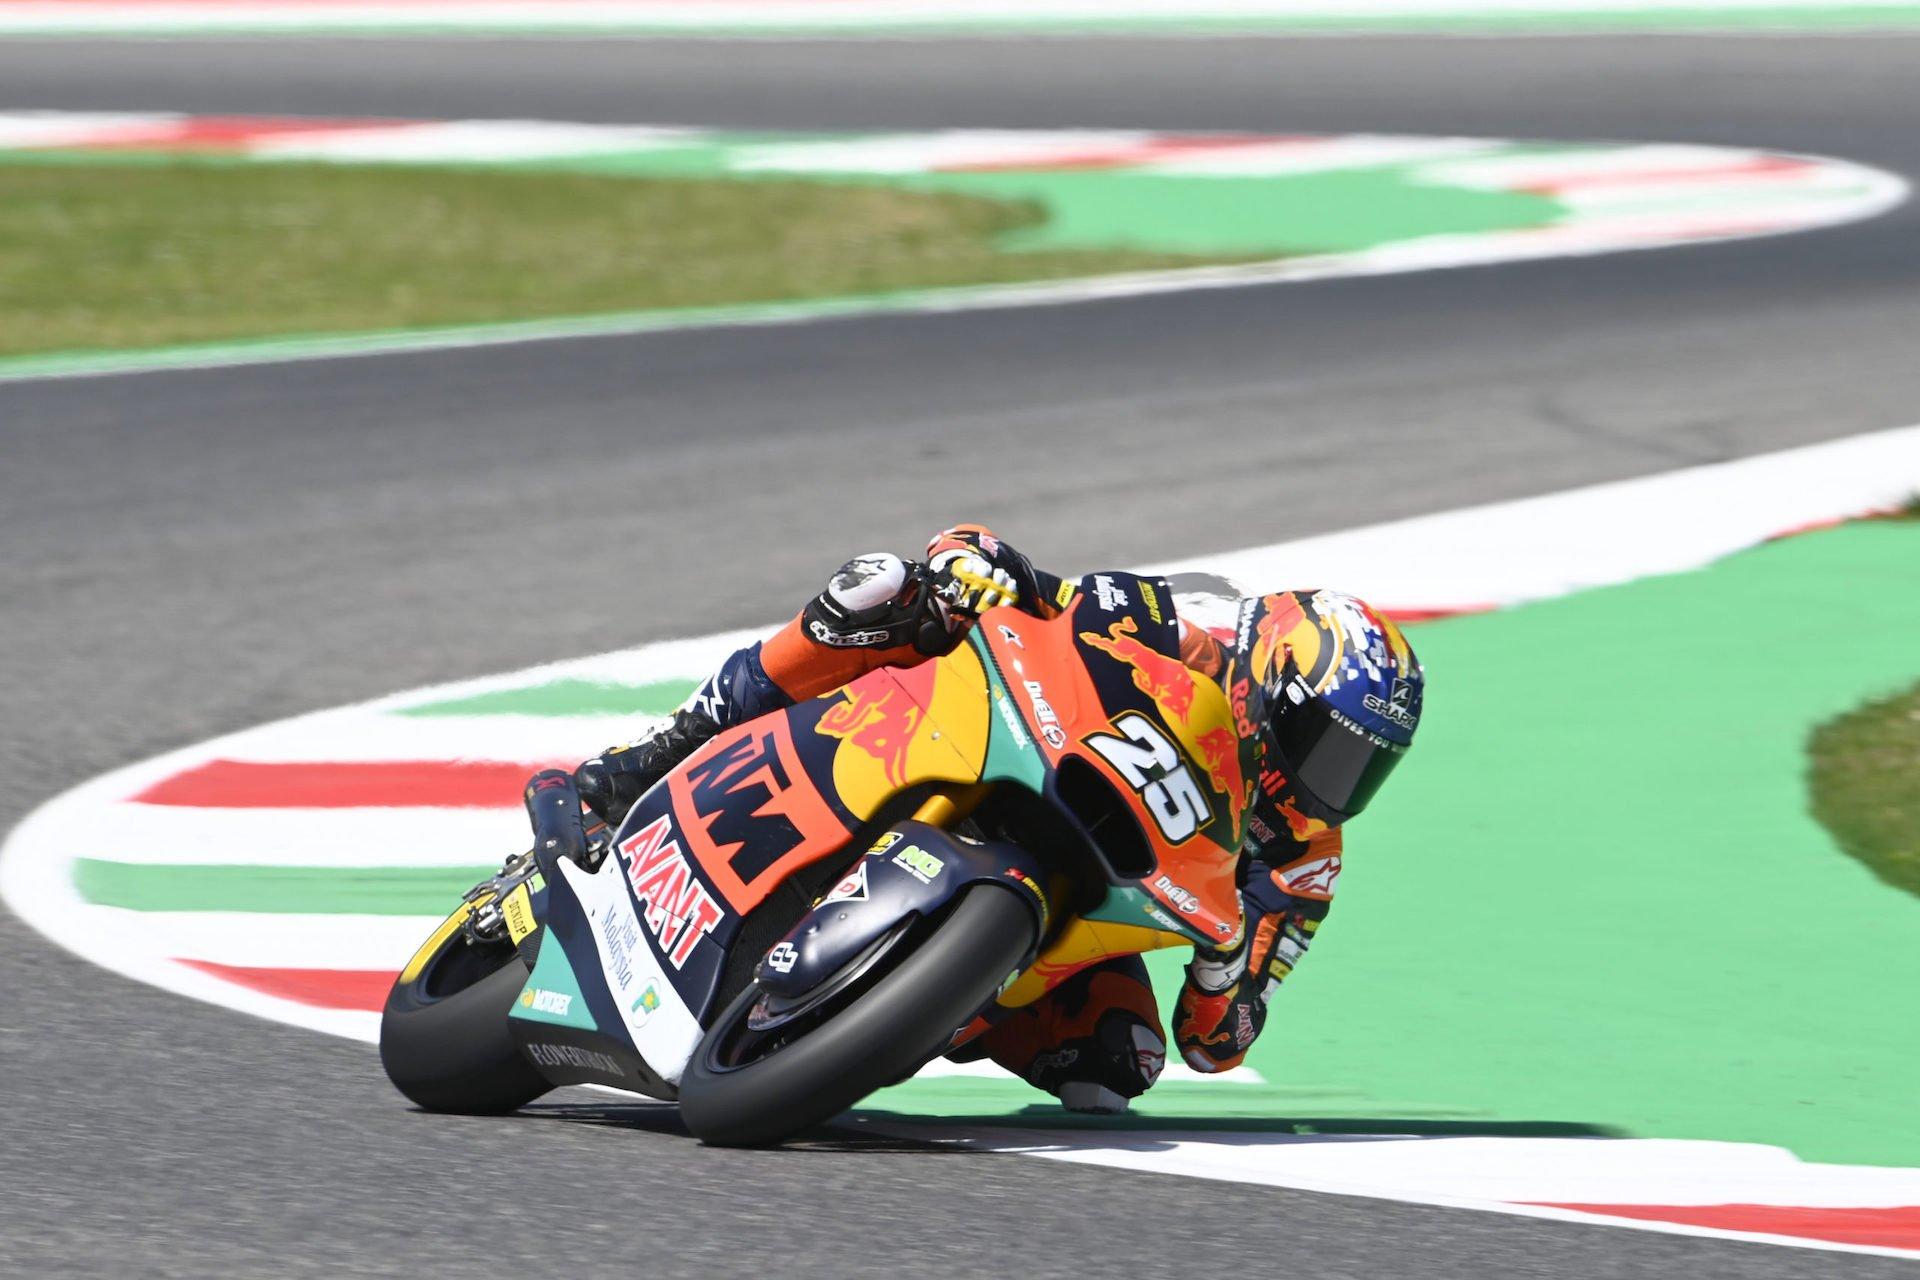 GP Italia, resultados Moto2 viernes: Raúl Fernández planta cara a Sam Lowes. Caída de Ramírez (video)